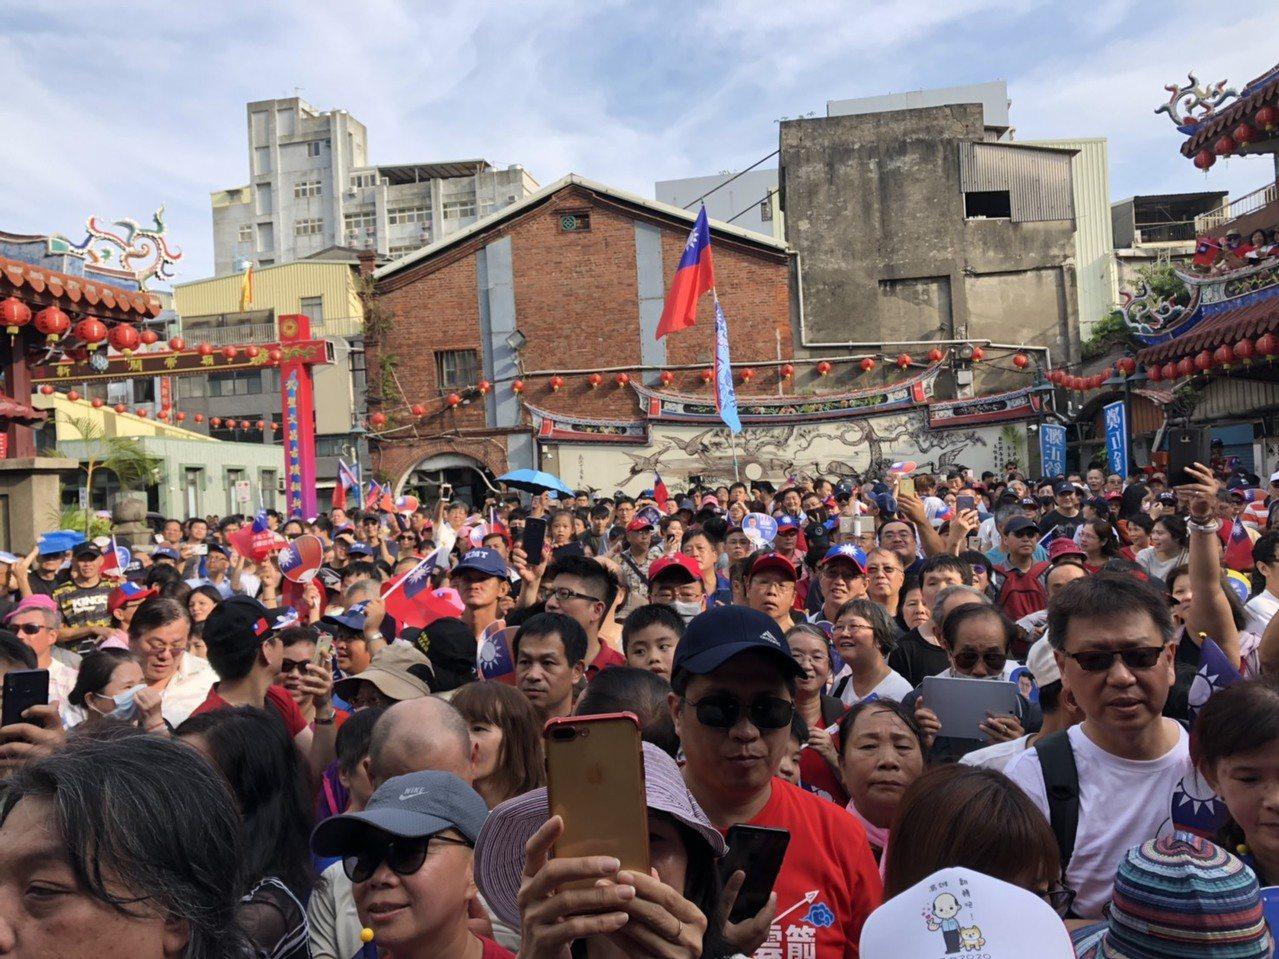 現場湧入大批的支持者,將關帝廟附近擠得水洩不通。記者王駿杰/攝影